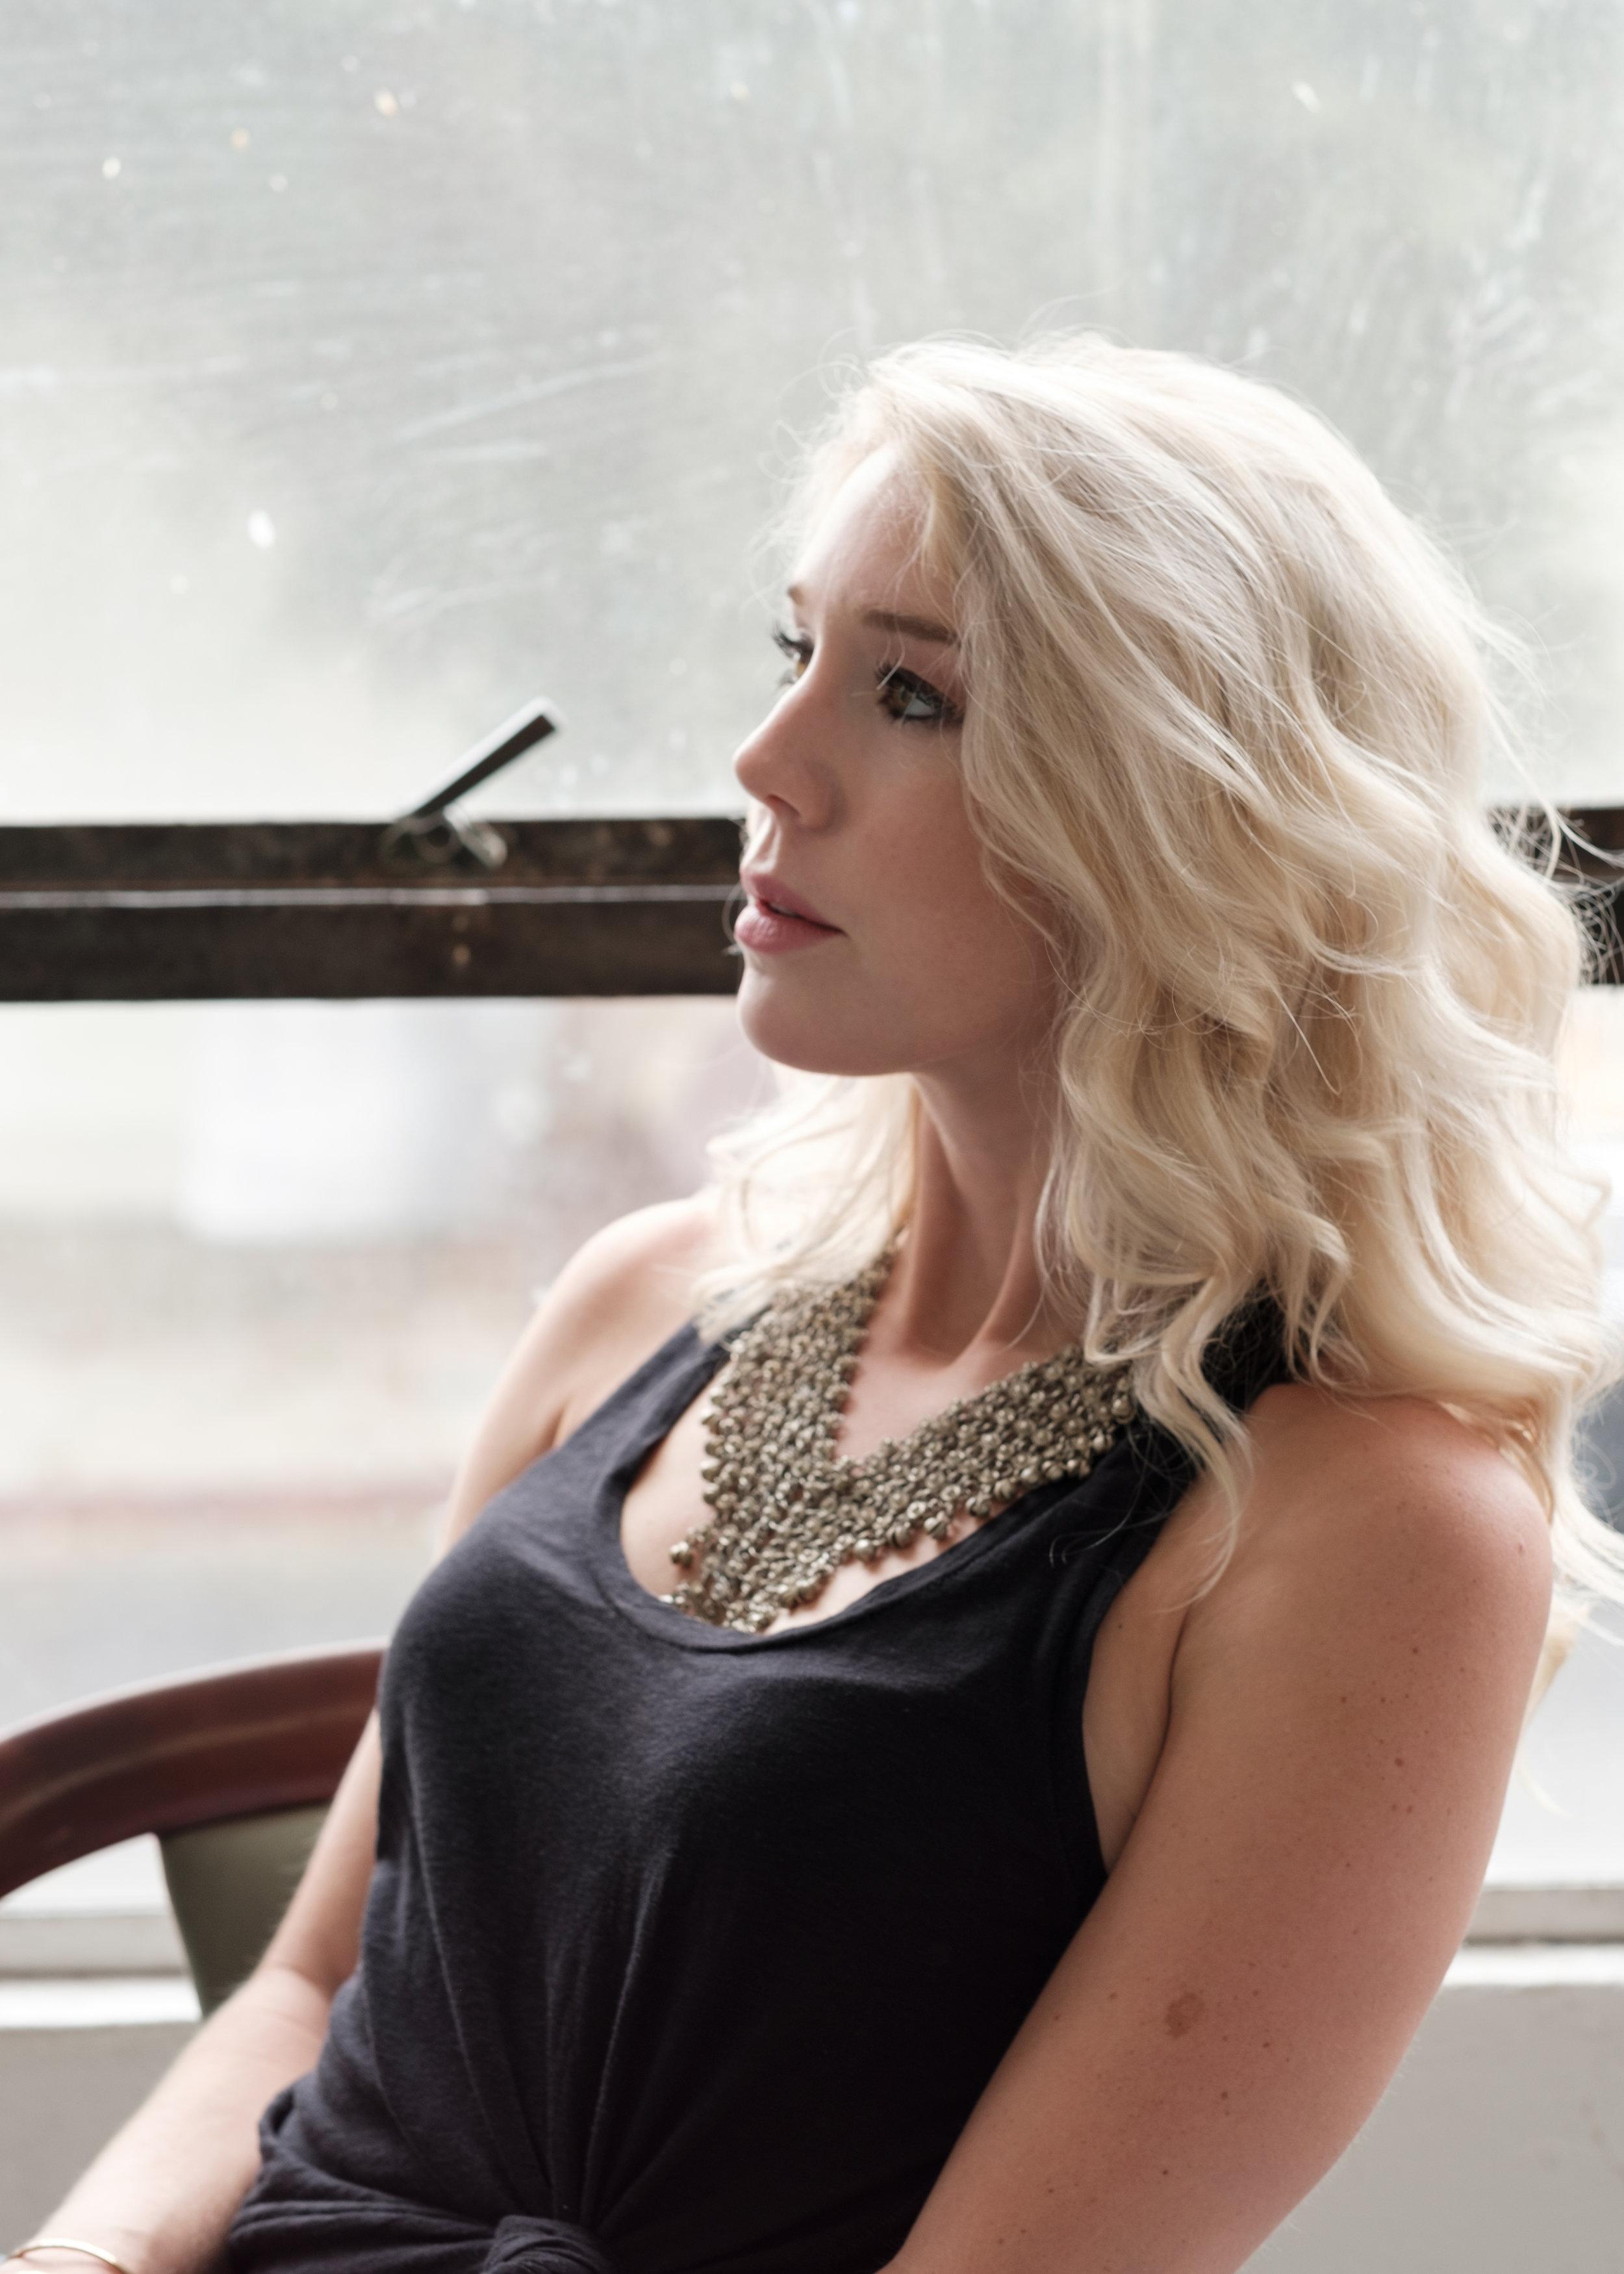 Courtney-Fortune-22.jpg